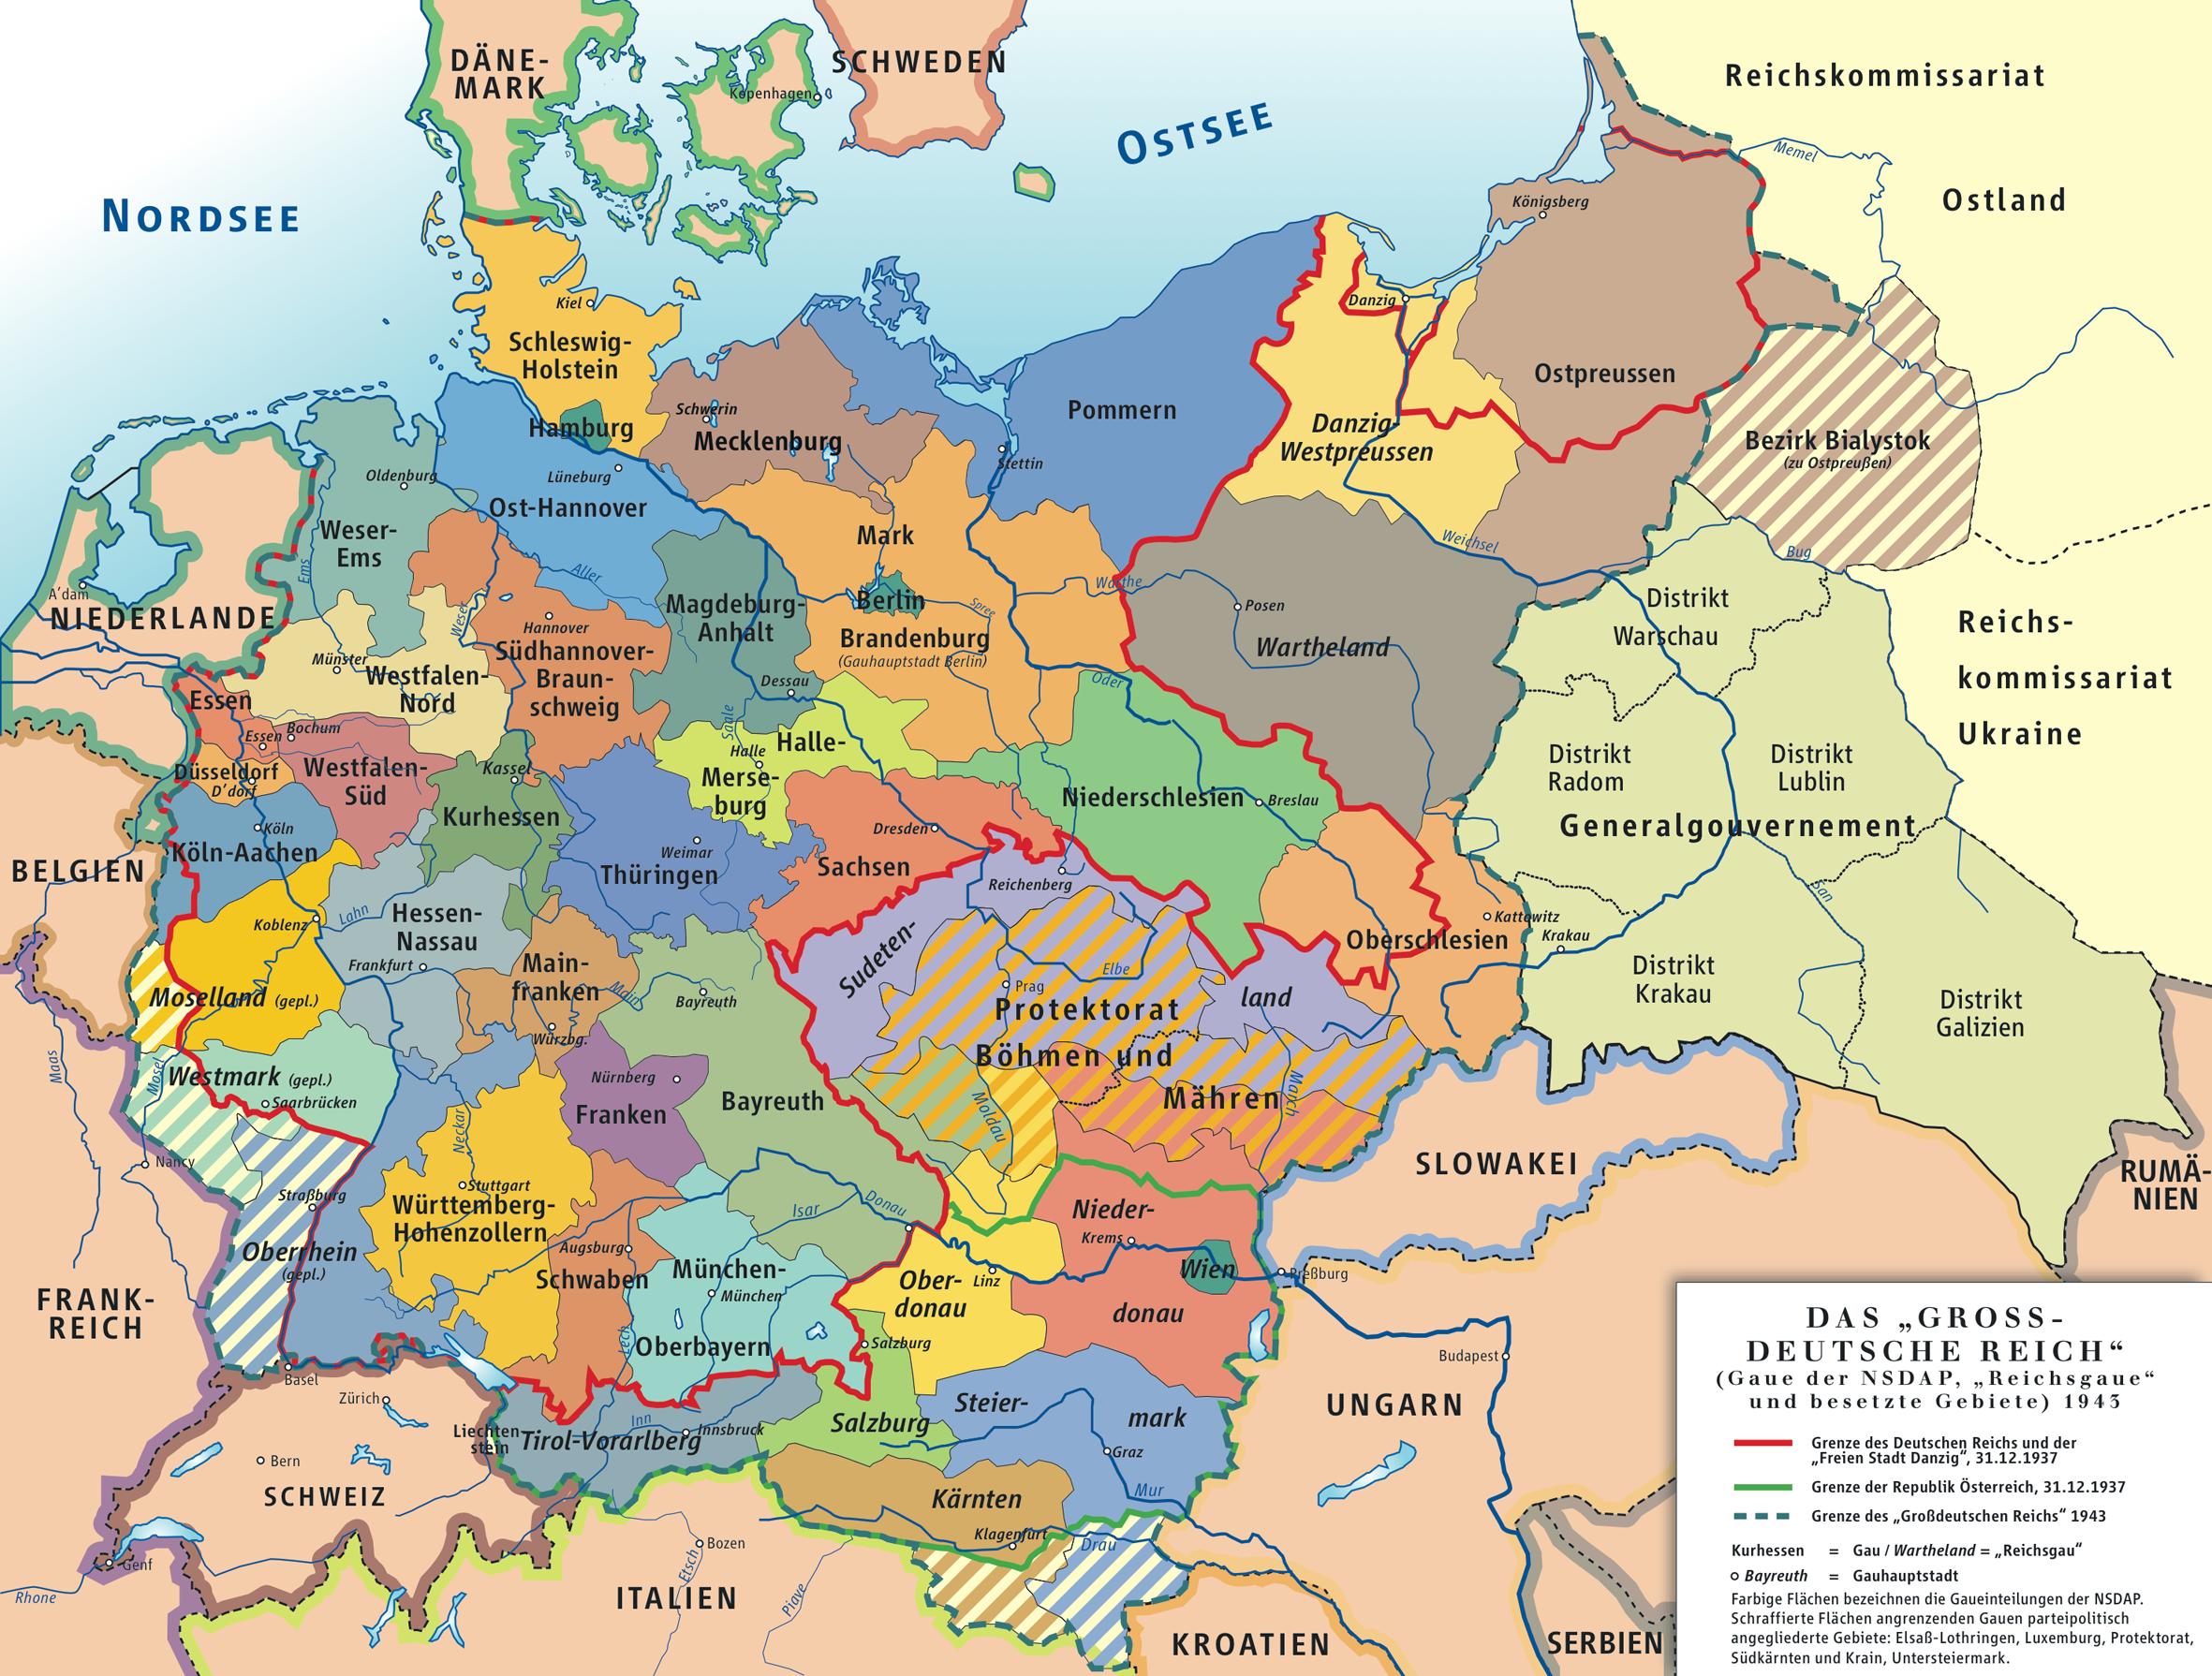 Karte 45 - Deutschland Karte 1939